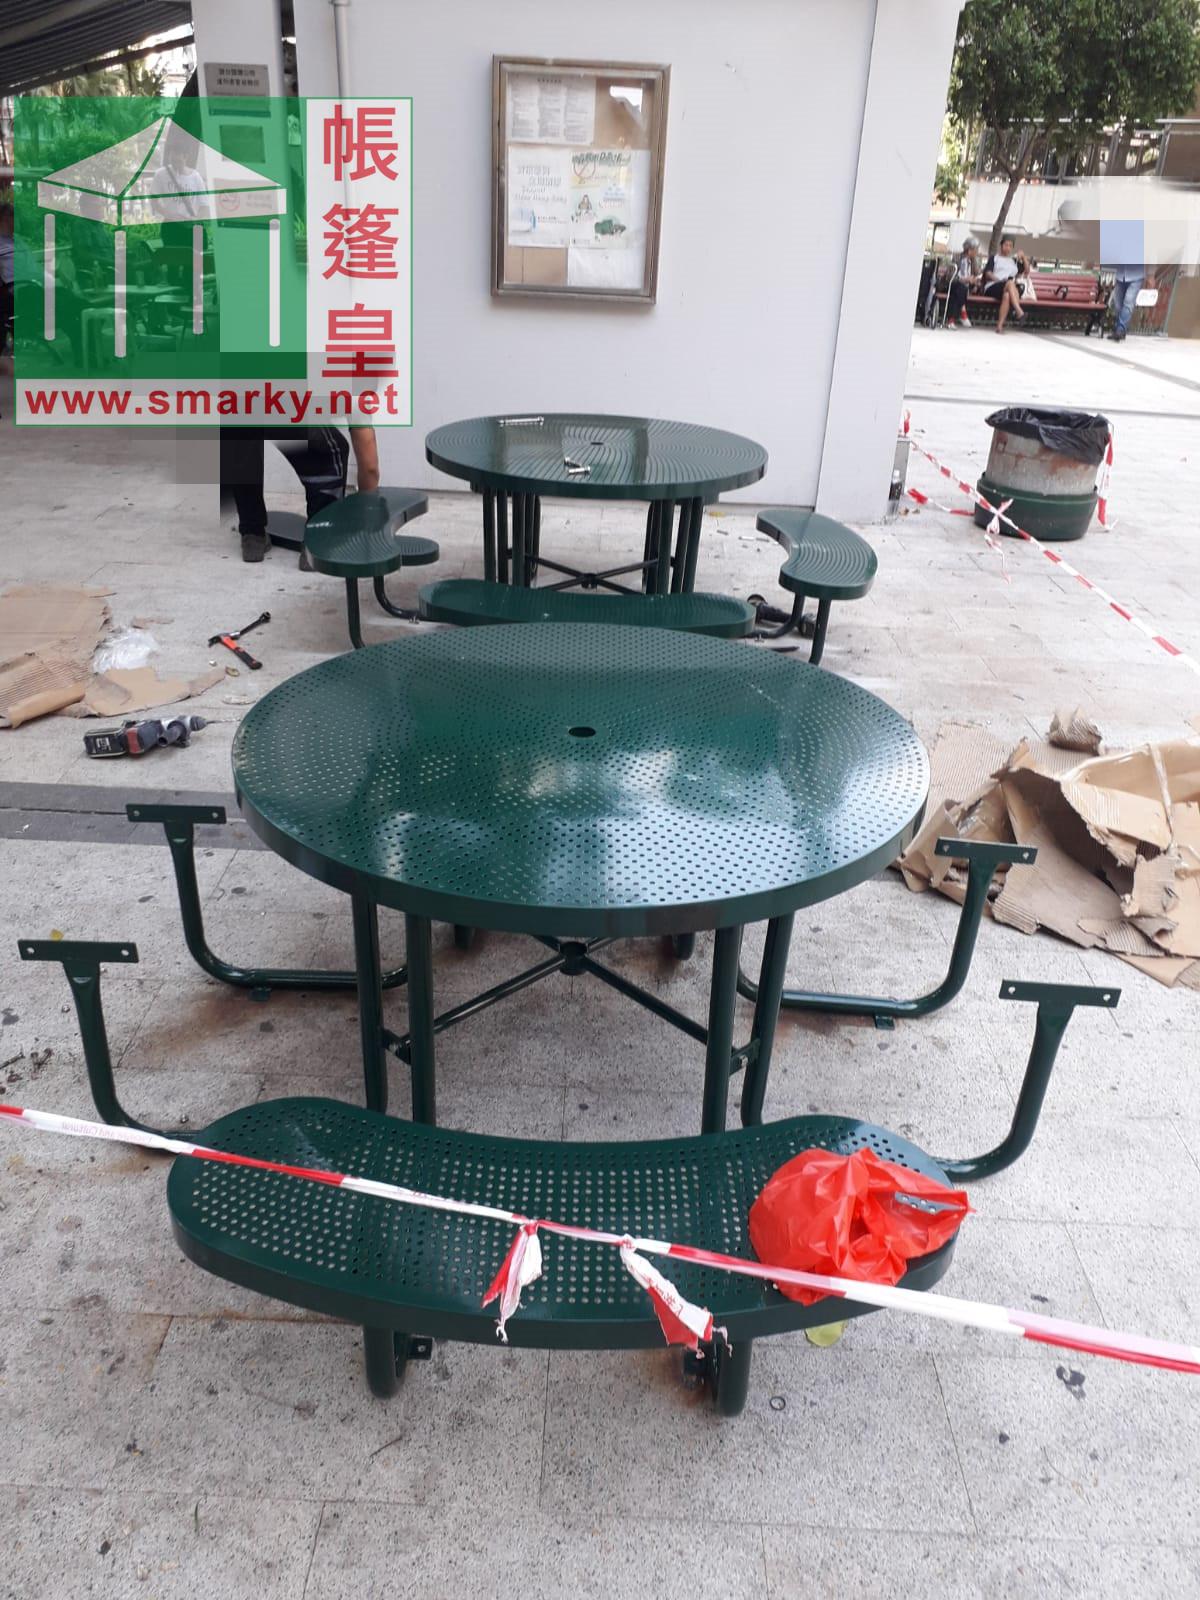 安裝新的桌椅組合